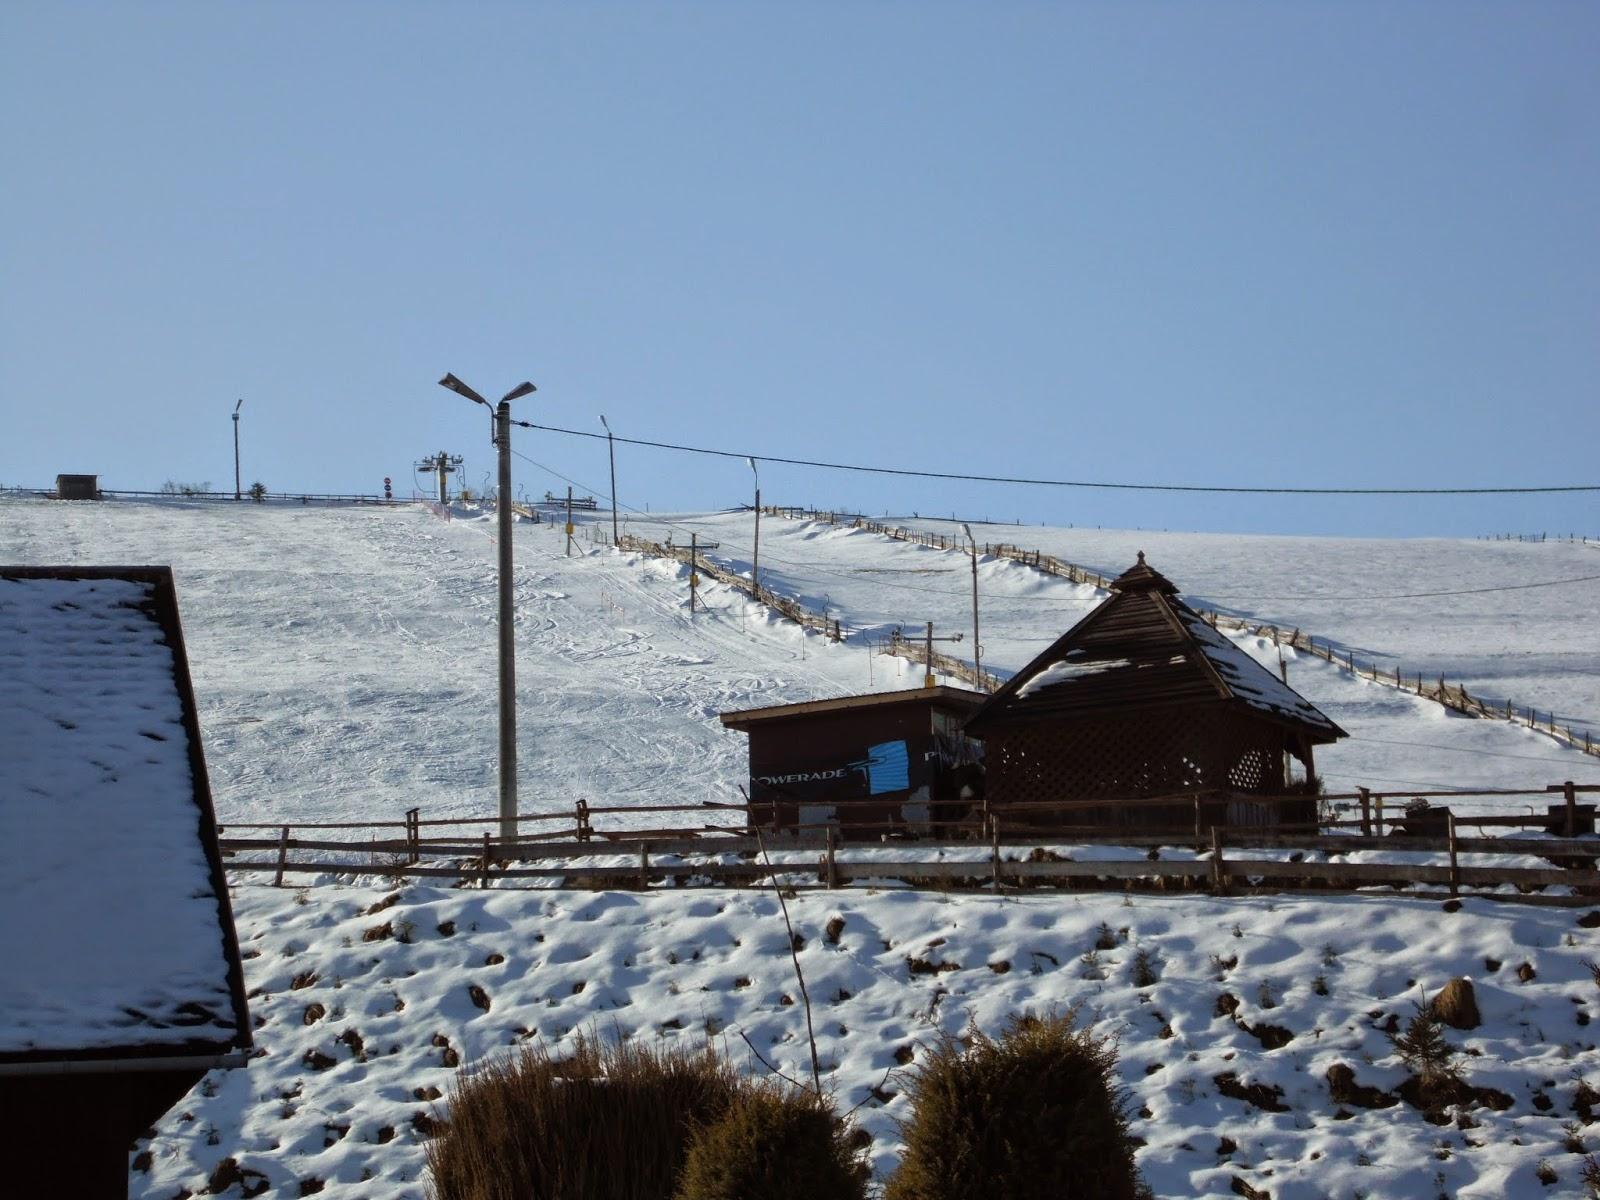 Kacwin wyciąg narciarski